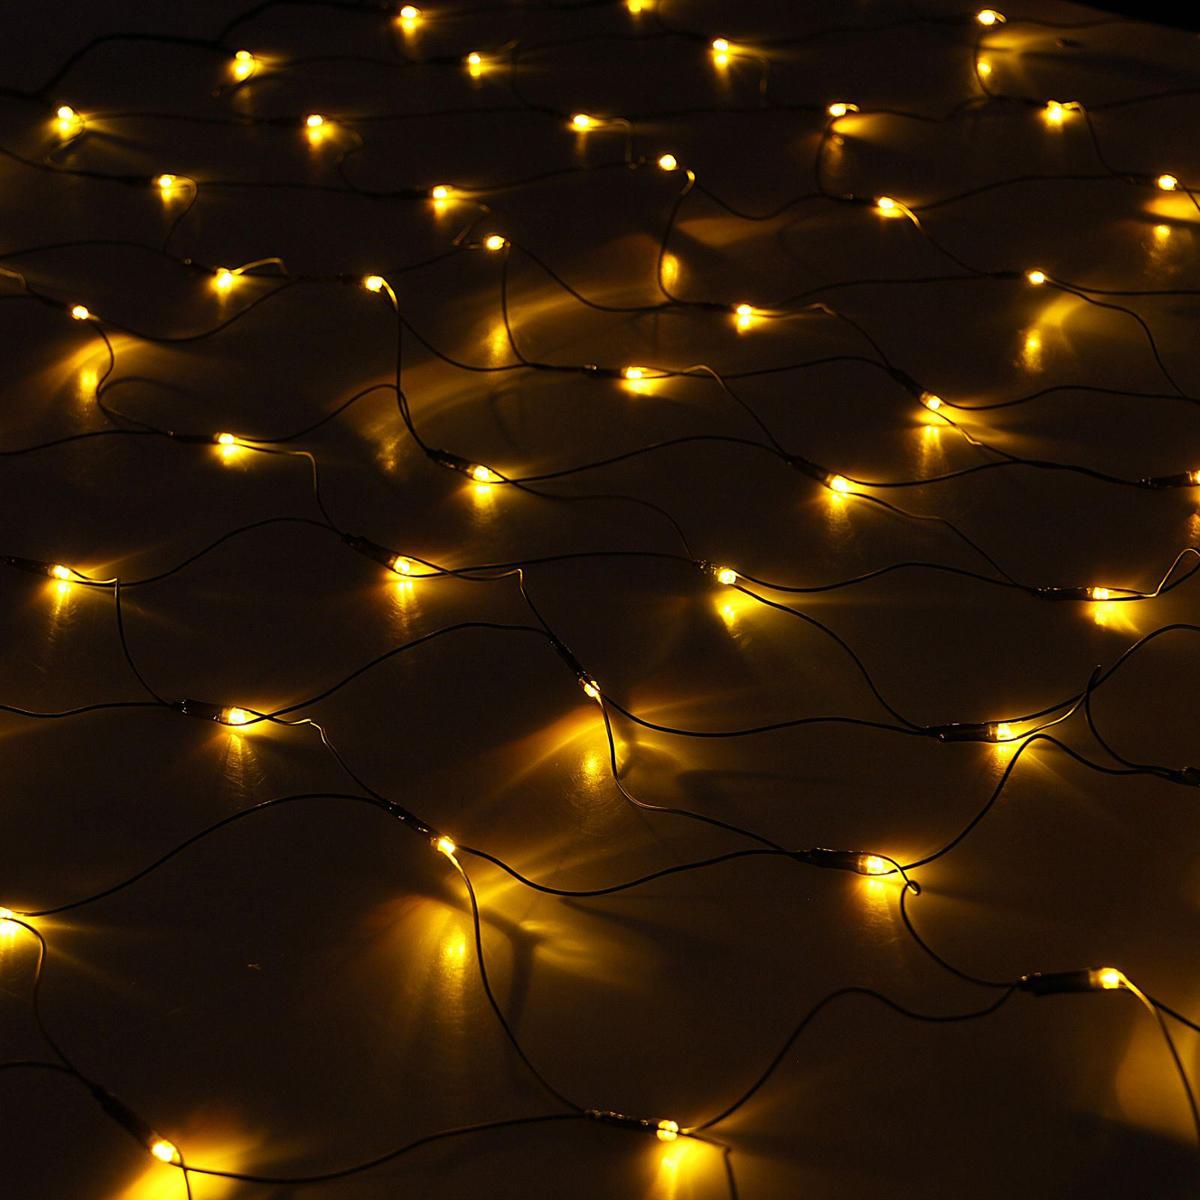 Гирлянда Luazon Сетка, длина 2 м, LED 224 лампы, 220V, цвет: желтый1585758Светодиодные гирлянды, ленты и т.д — это отличный вариант для новогоднего оформления интерьера или фасада. С их помощью помещение любого размера можно превратить в праздничный зал, а внешние элементы зданий, украшенные ими, мгновенно станут напоминать очертания сказочного дворца. Такие украшения создают ауру предвкушения чуда. Деревья, фасады, витрины, окна и арки будто специально созданы, чтобы вы украсили их светящимися нитями.